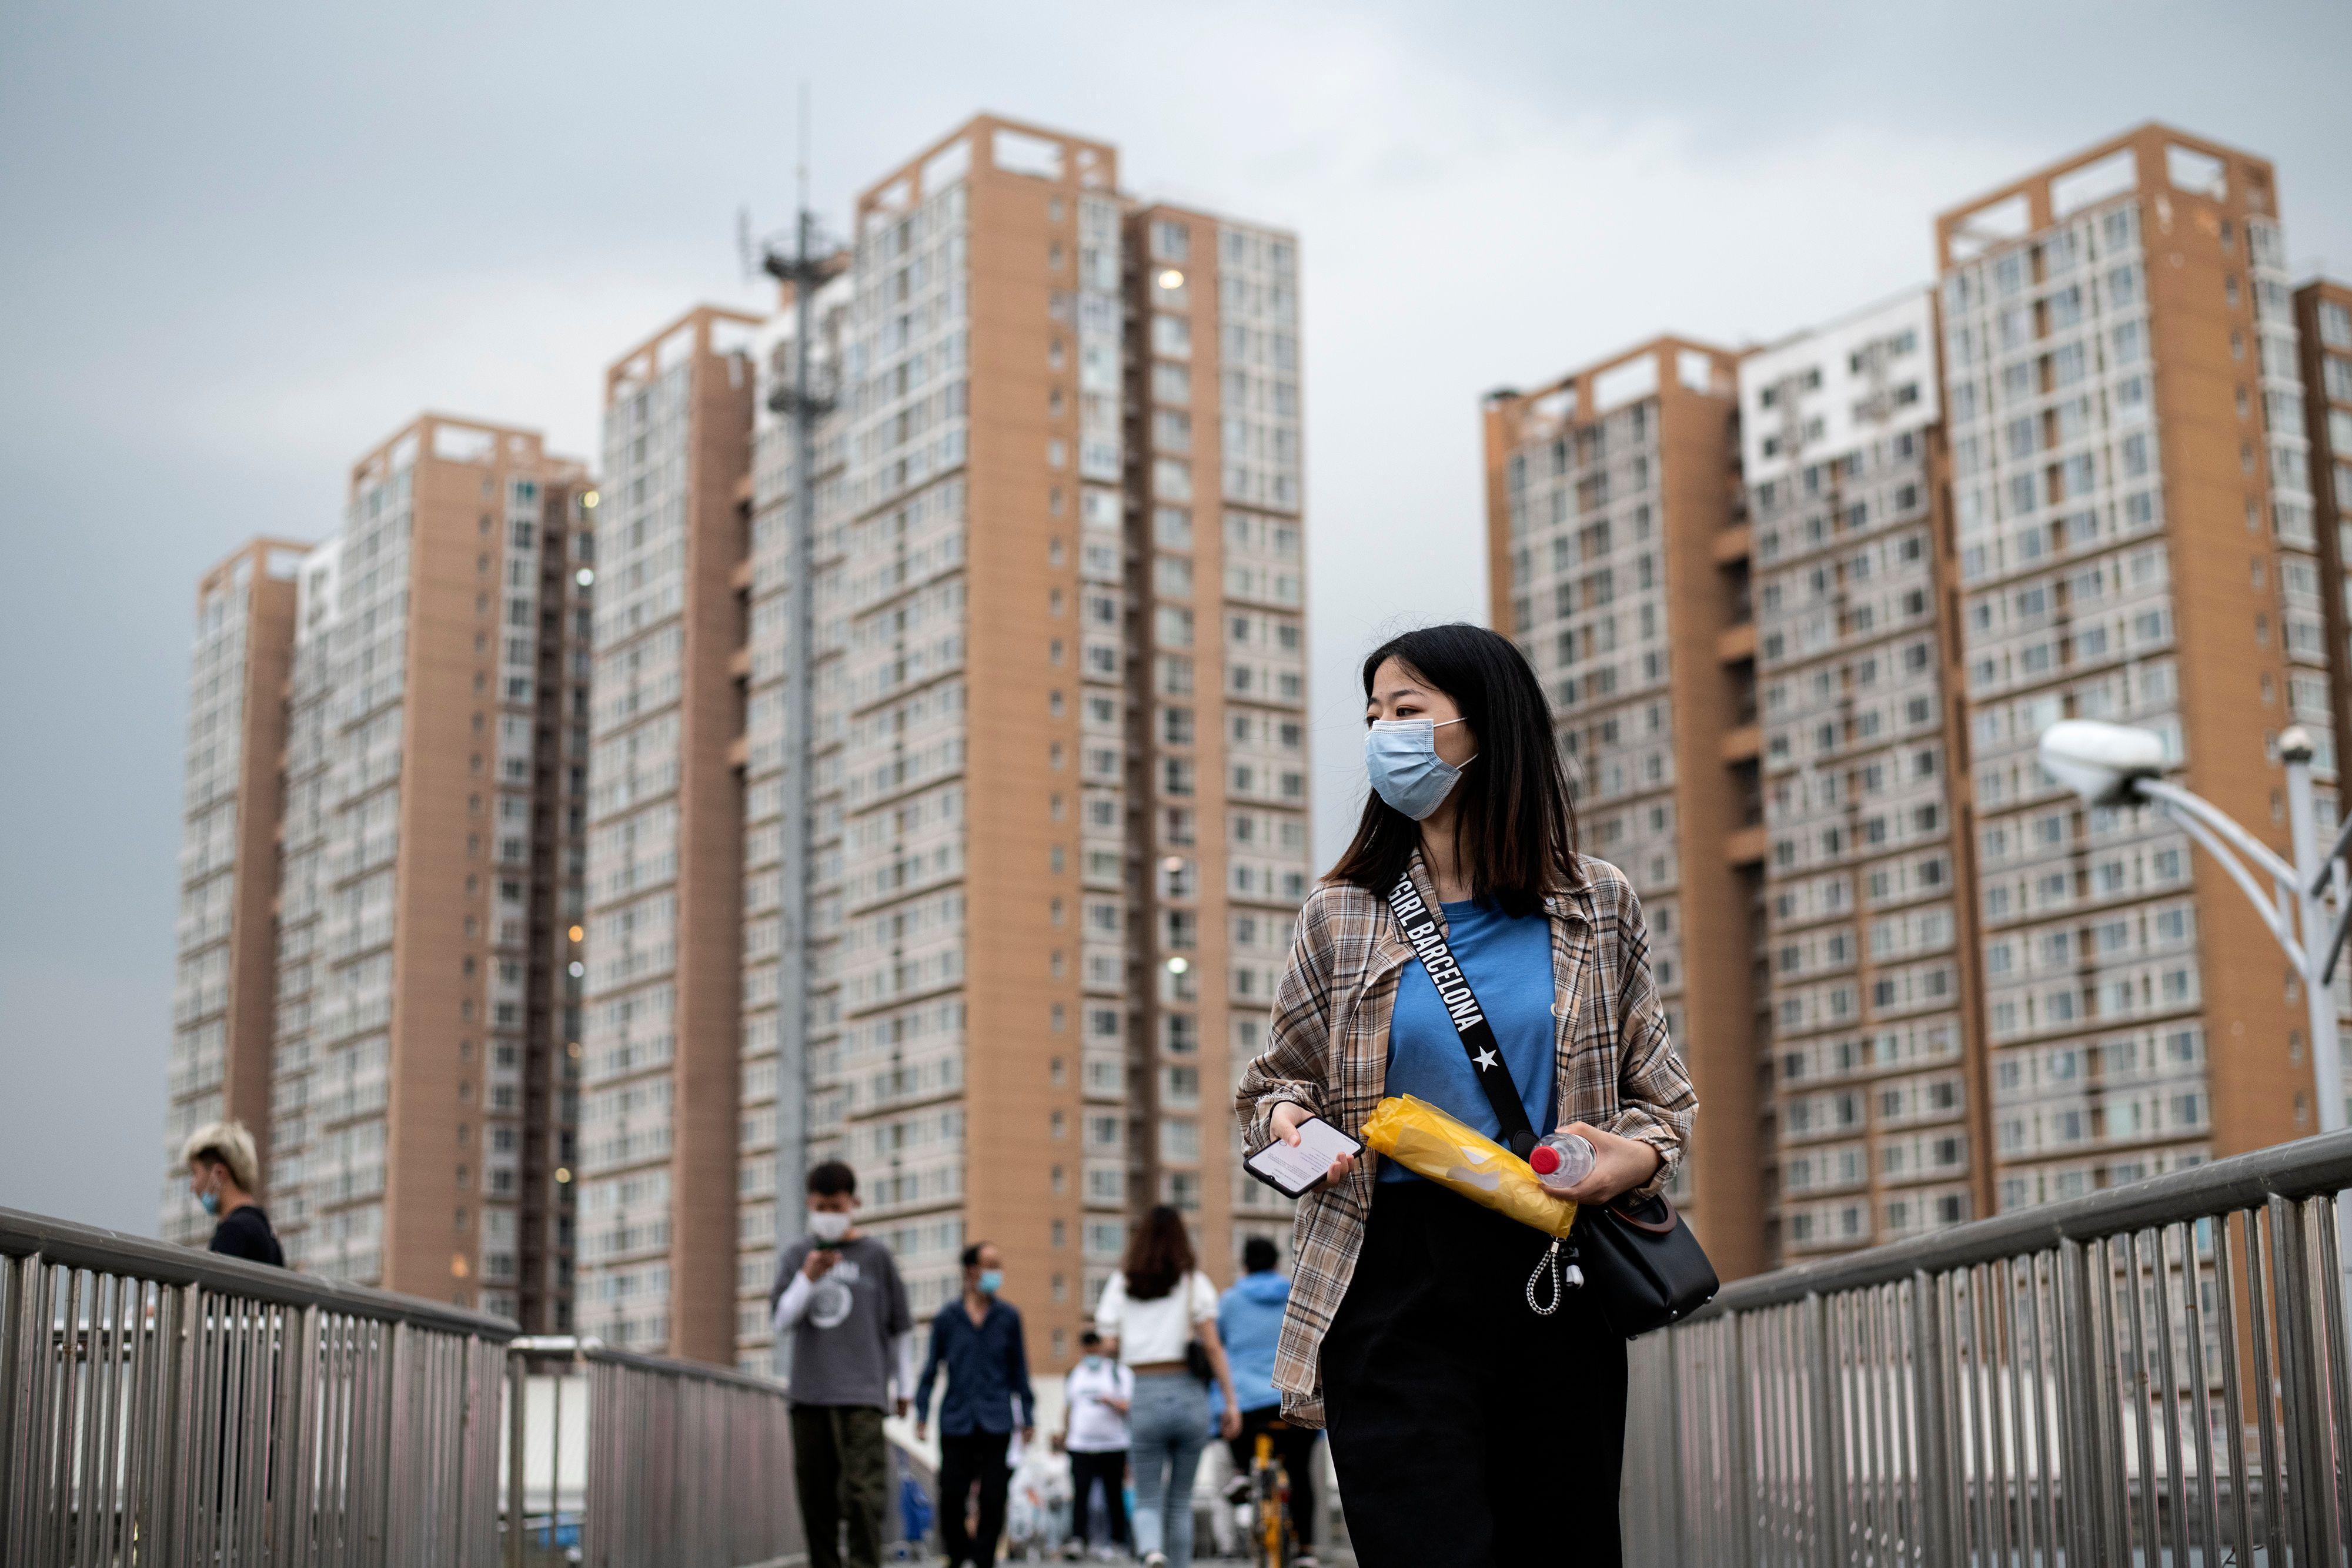 People wearing facemasks walk on an overpass in Beijing on June 1, 2020. (Photo by Noel CELIS / AFP) (Photo by NOEL CELIS/AFP via Getty Images)